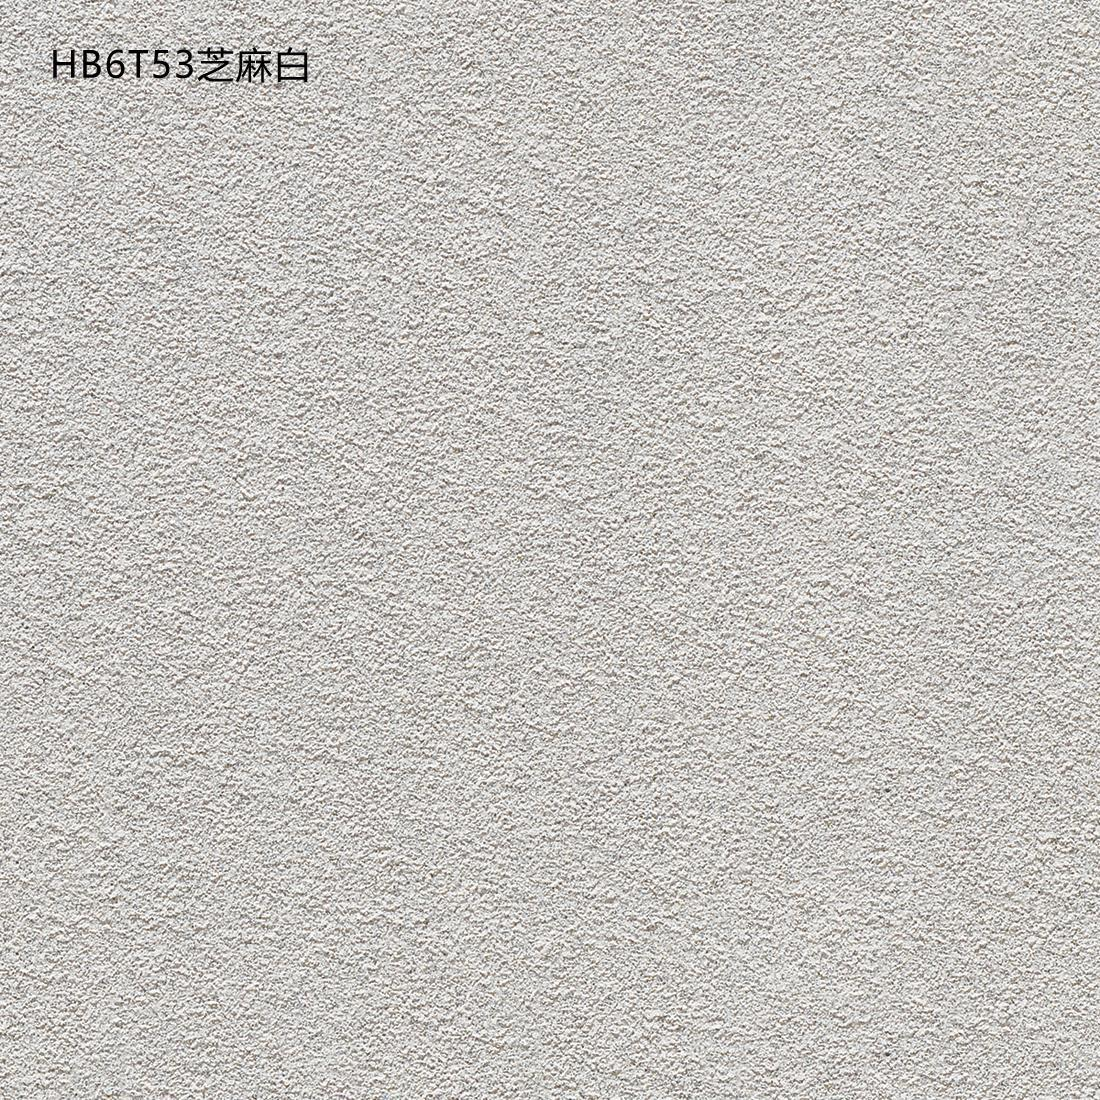 瓷磚幕墻為什么火起來?哪些瓷磚適合用來做瓷磚幕墻?